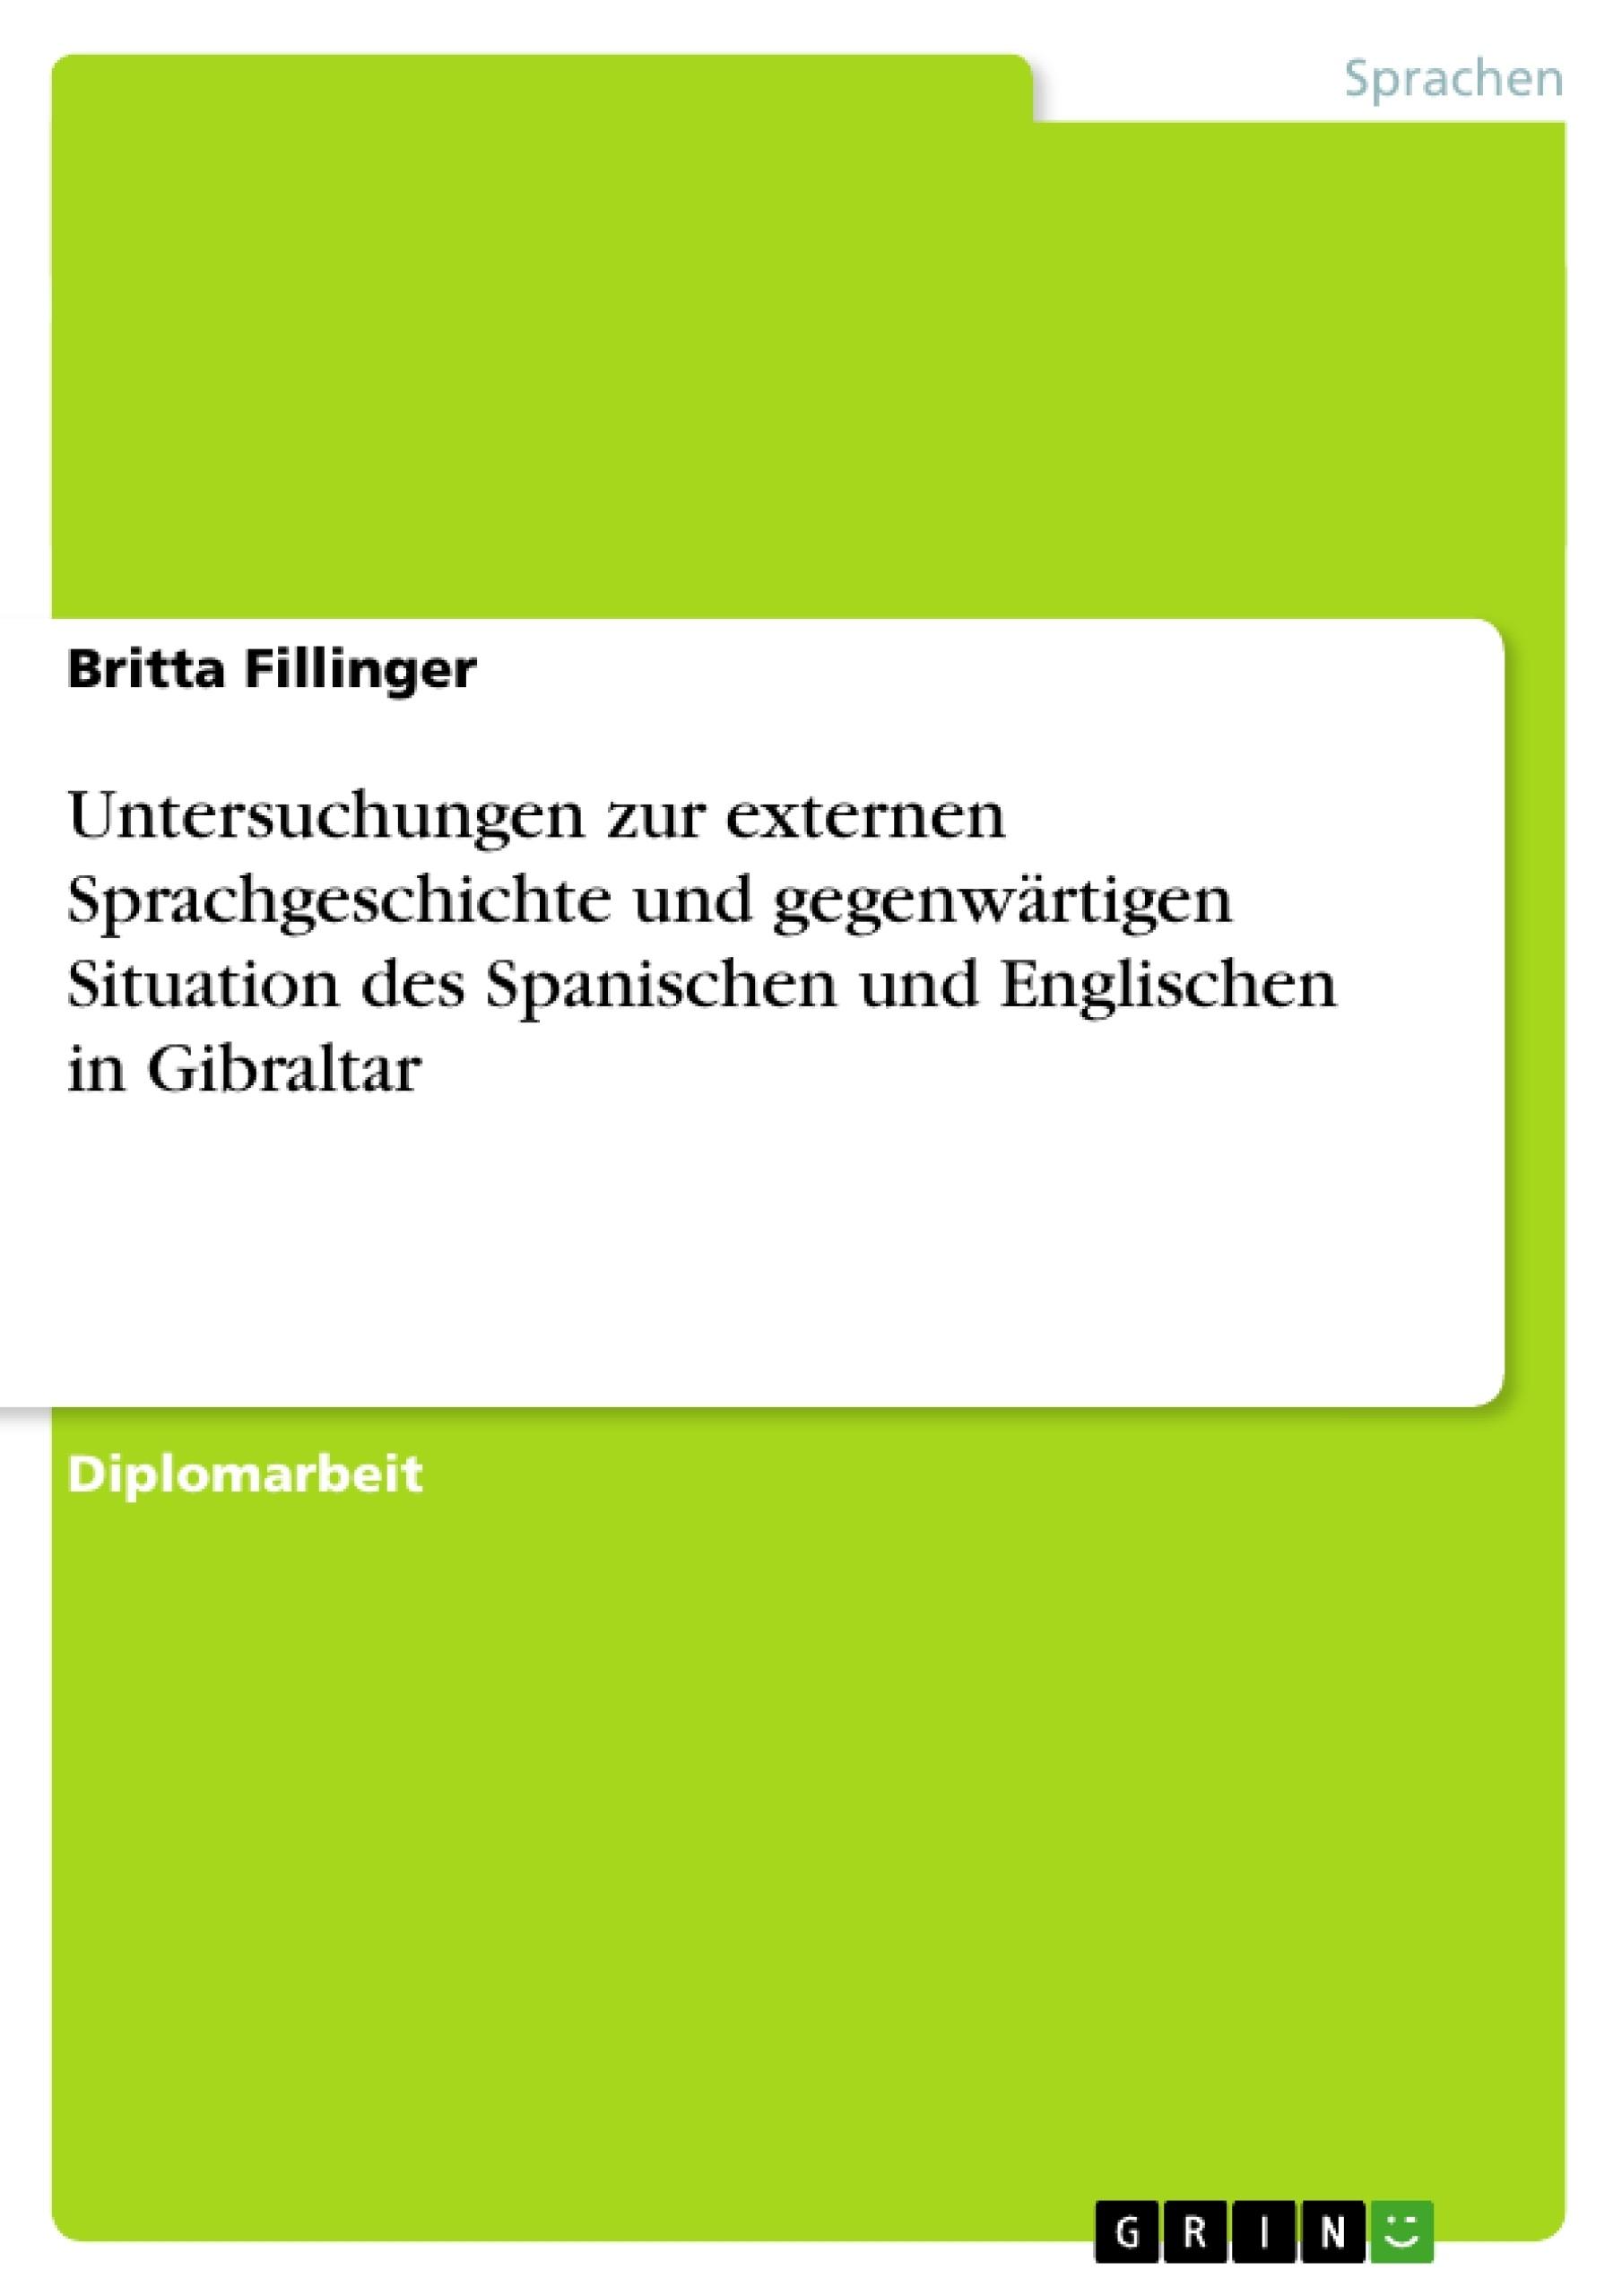 Titel: Untersuchungen zur externen Sprachgeschichte und gegenwärtigen Situation des Spanischen und Englischen in Gibraltar